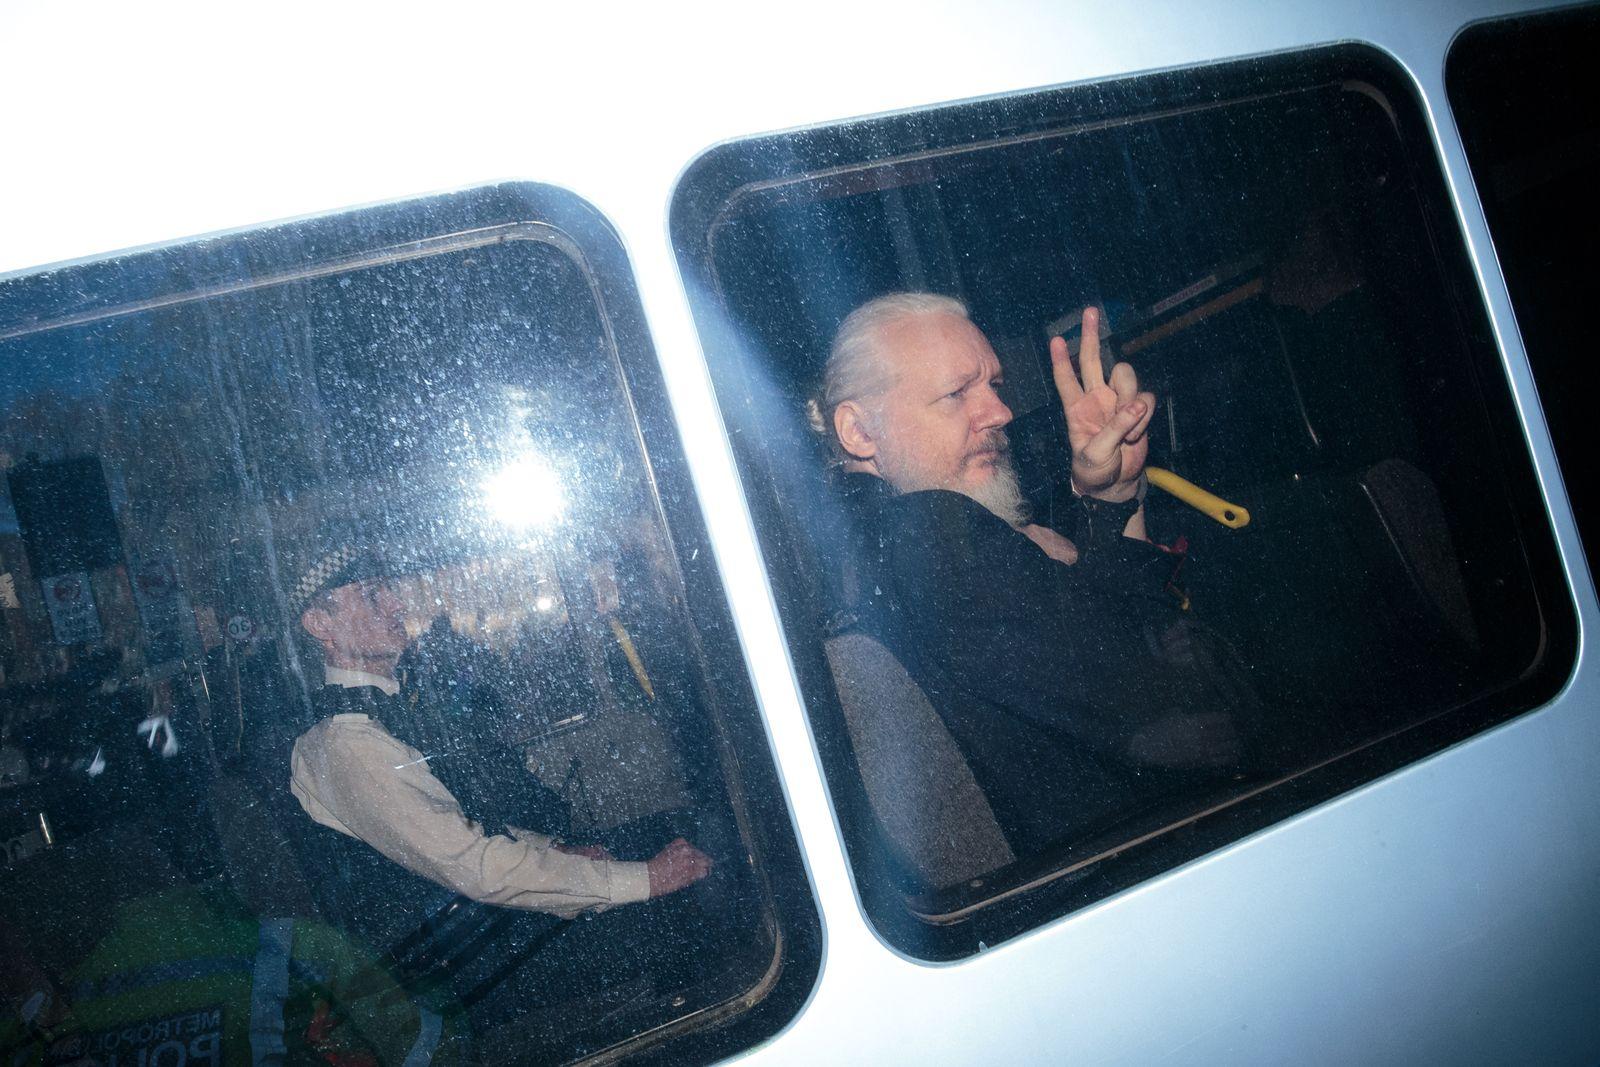 Julian Assange/ 2019